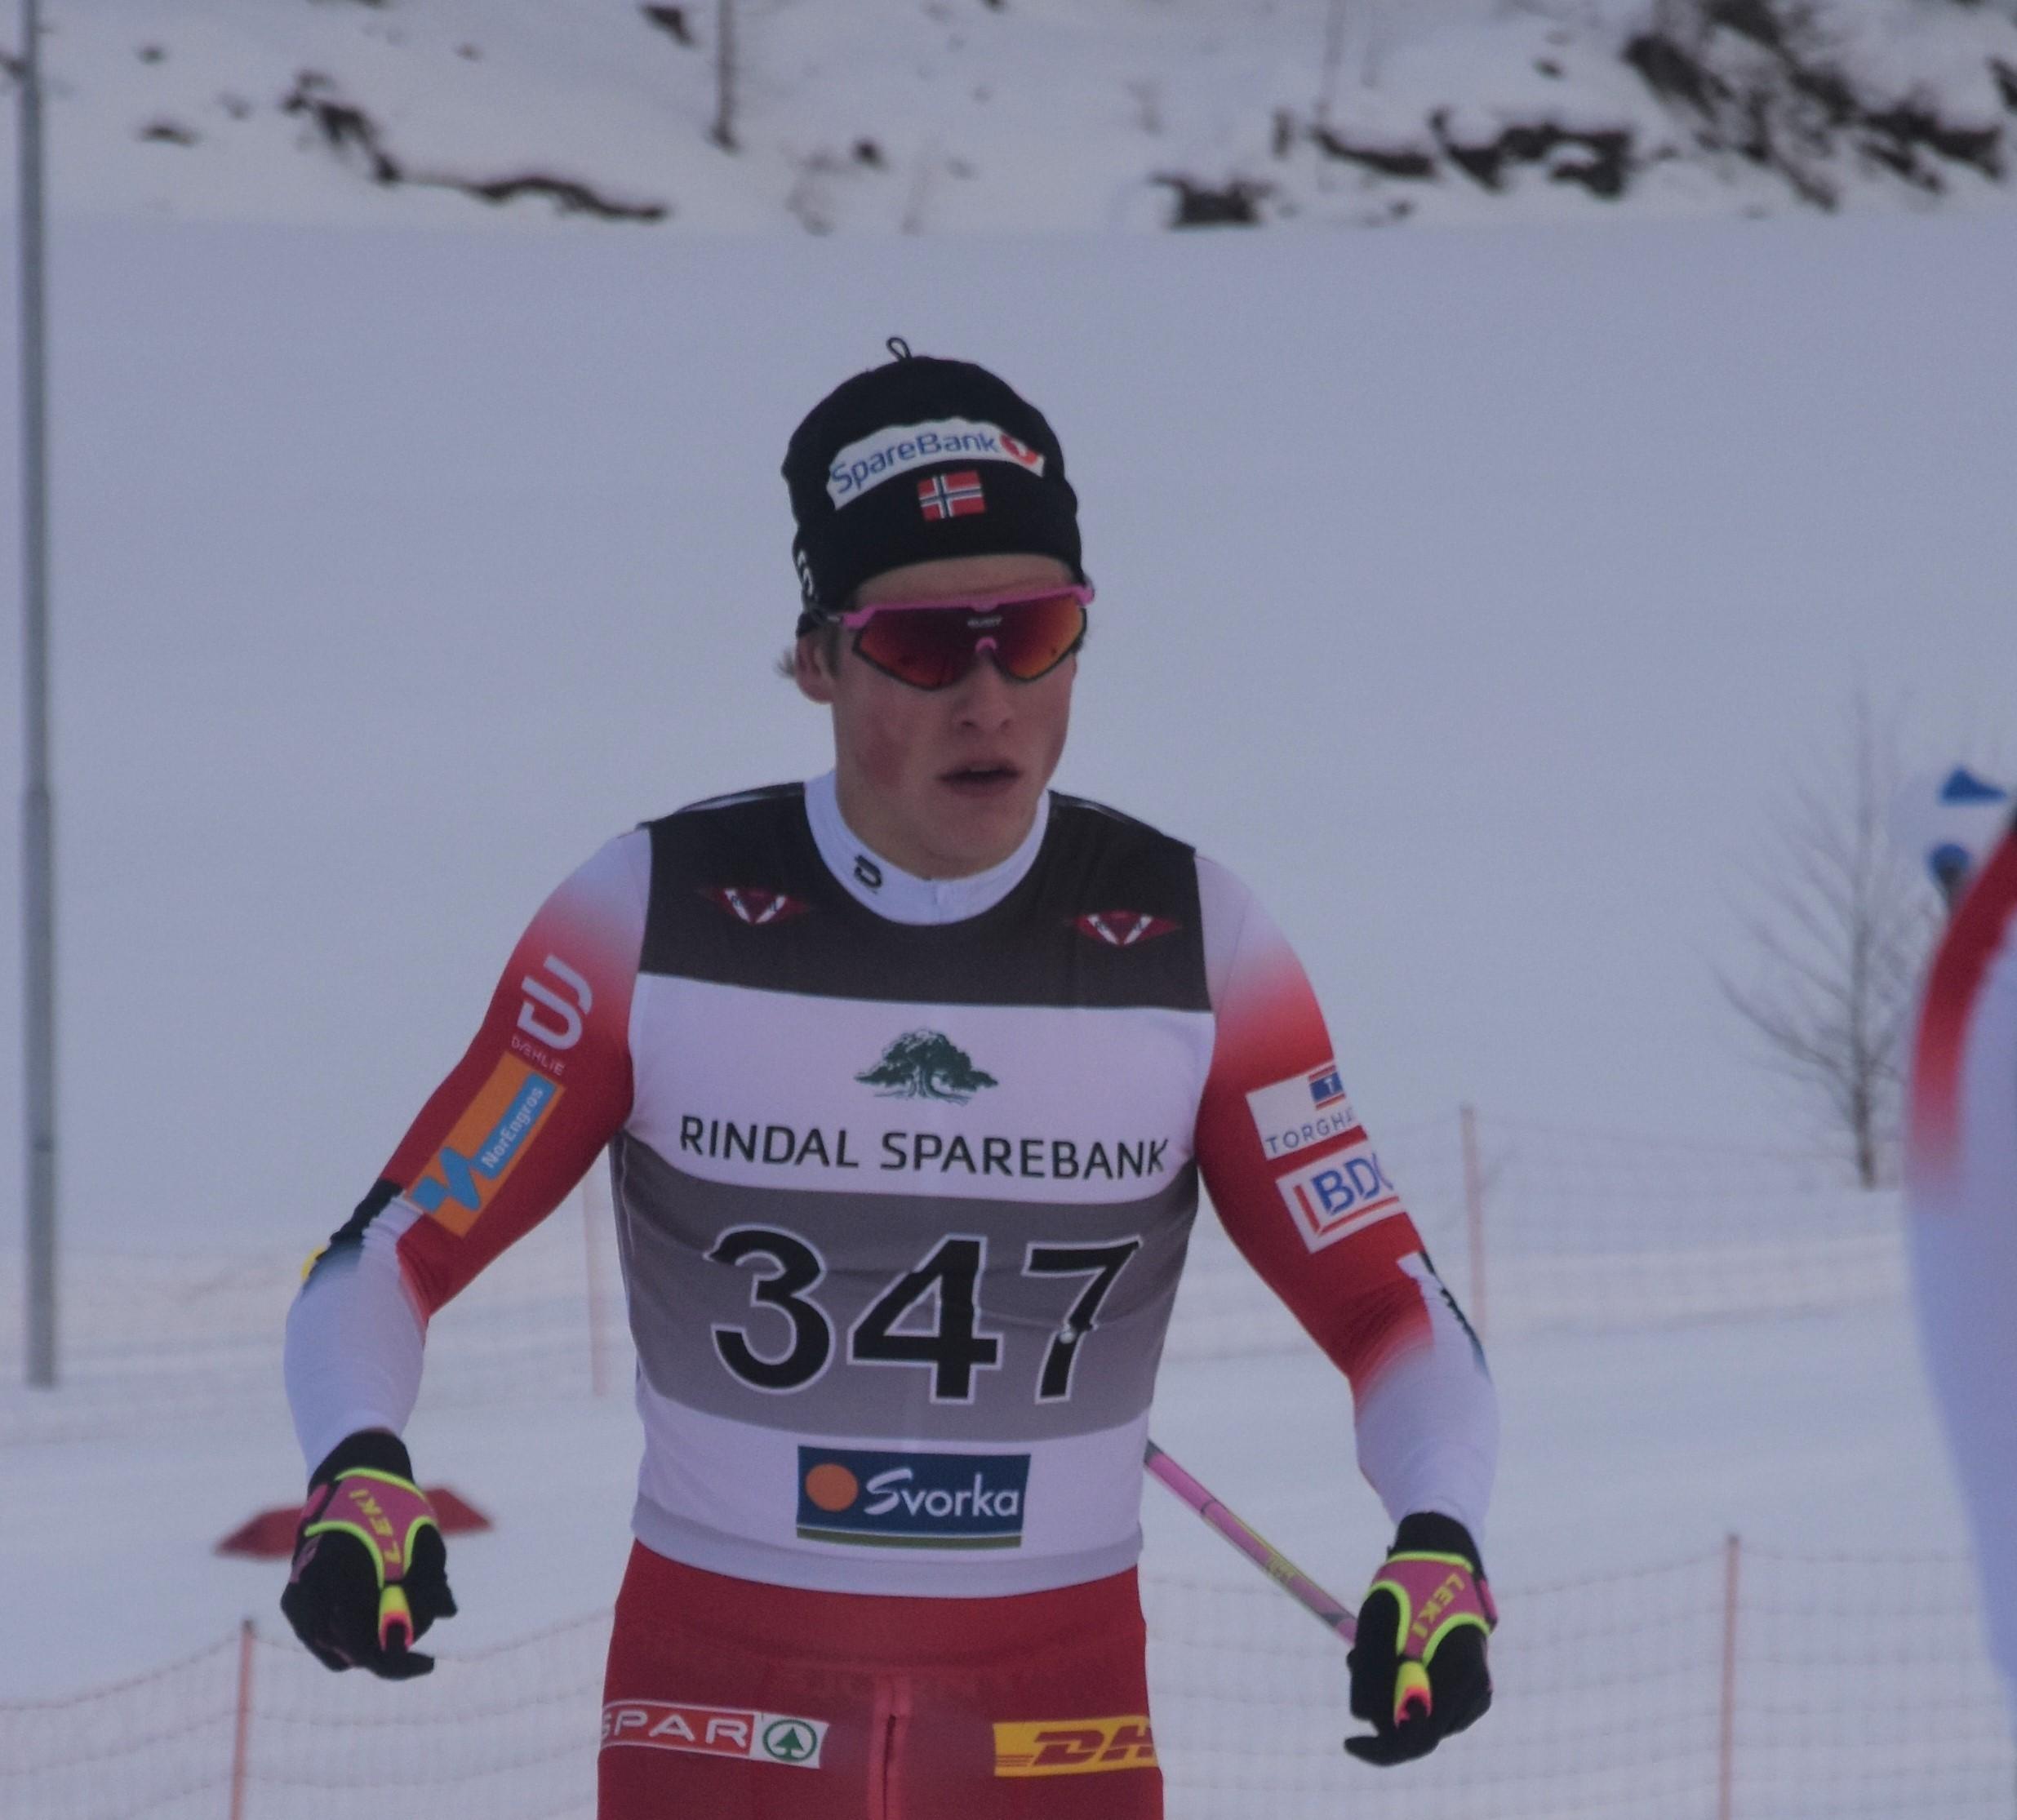 Johannes Rindalsrennet 2019 - 2.jpg